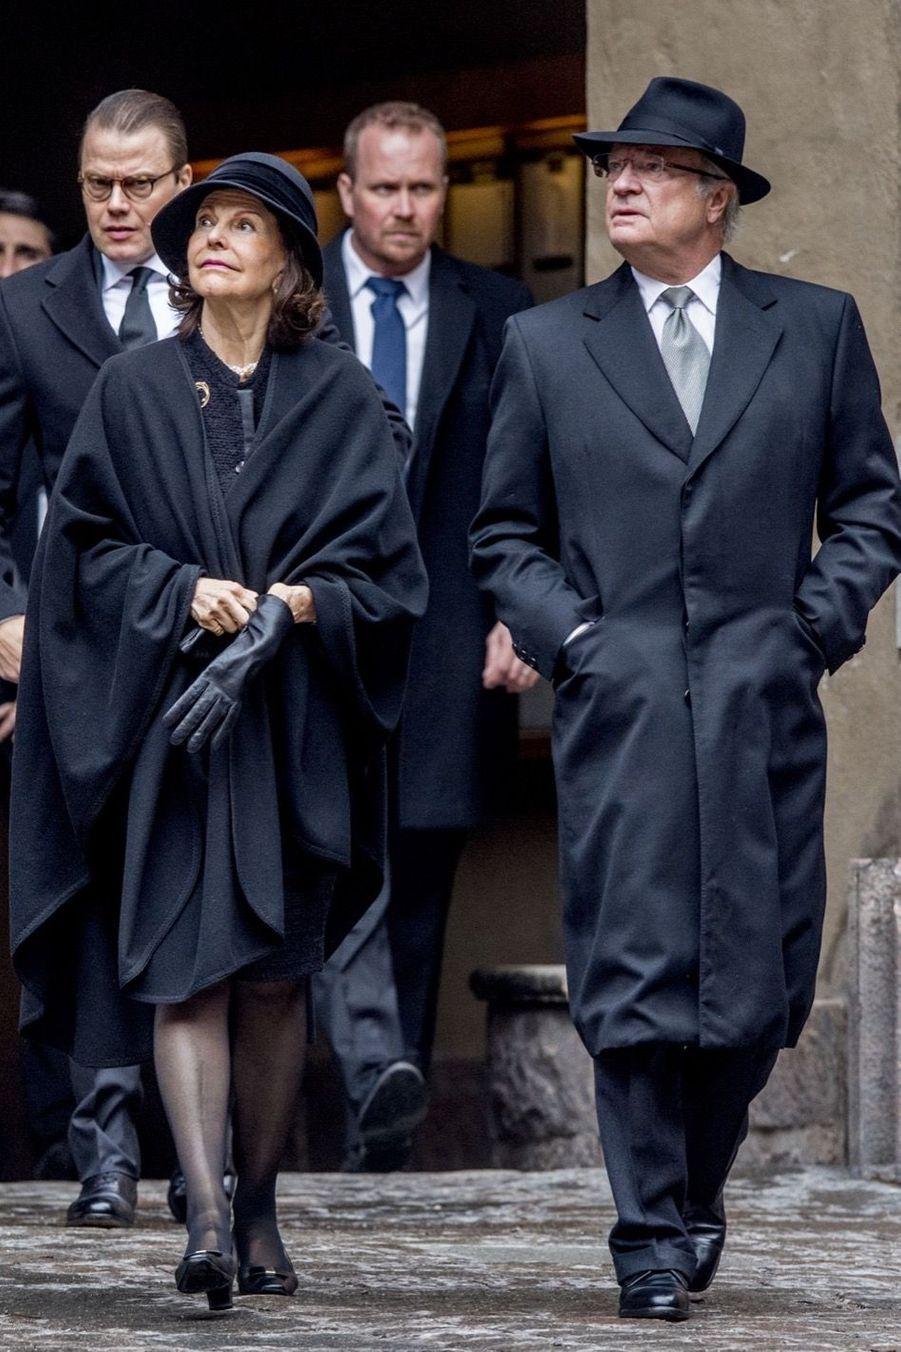 La Famille Royale De Suède Rend Hommage Aux Victimes De L'attentat De Stockholm 12